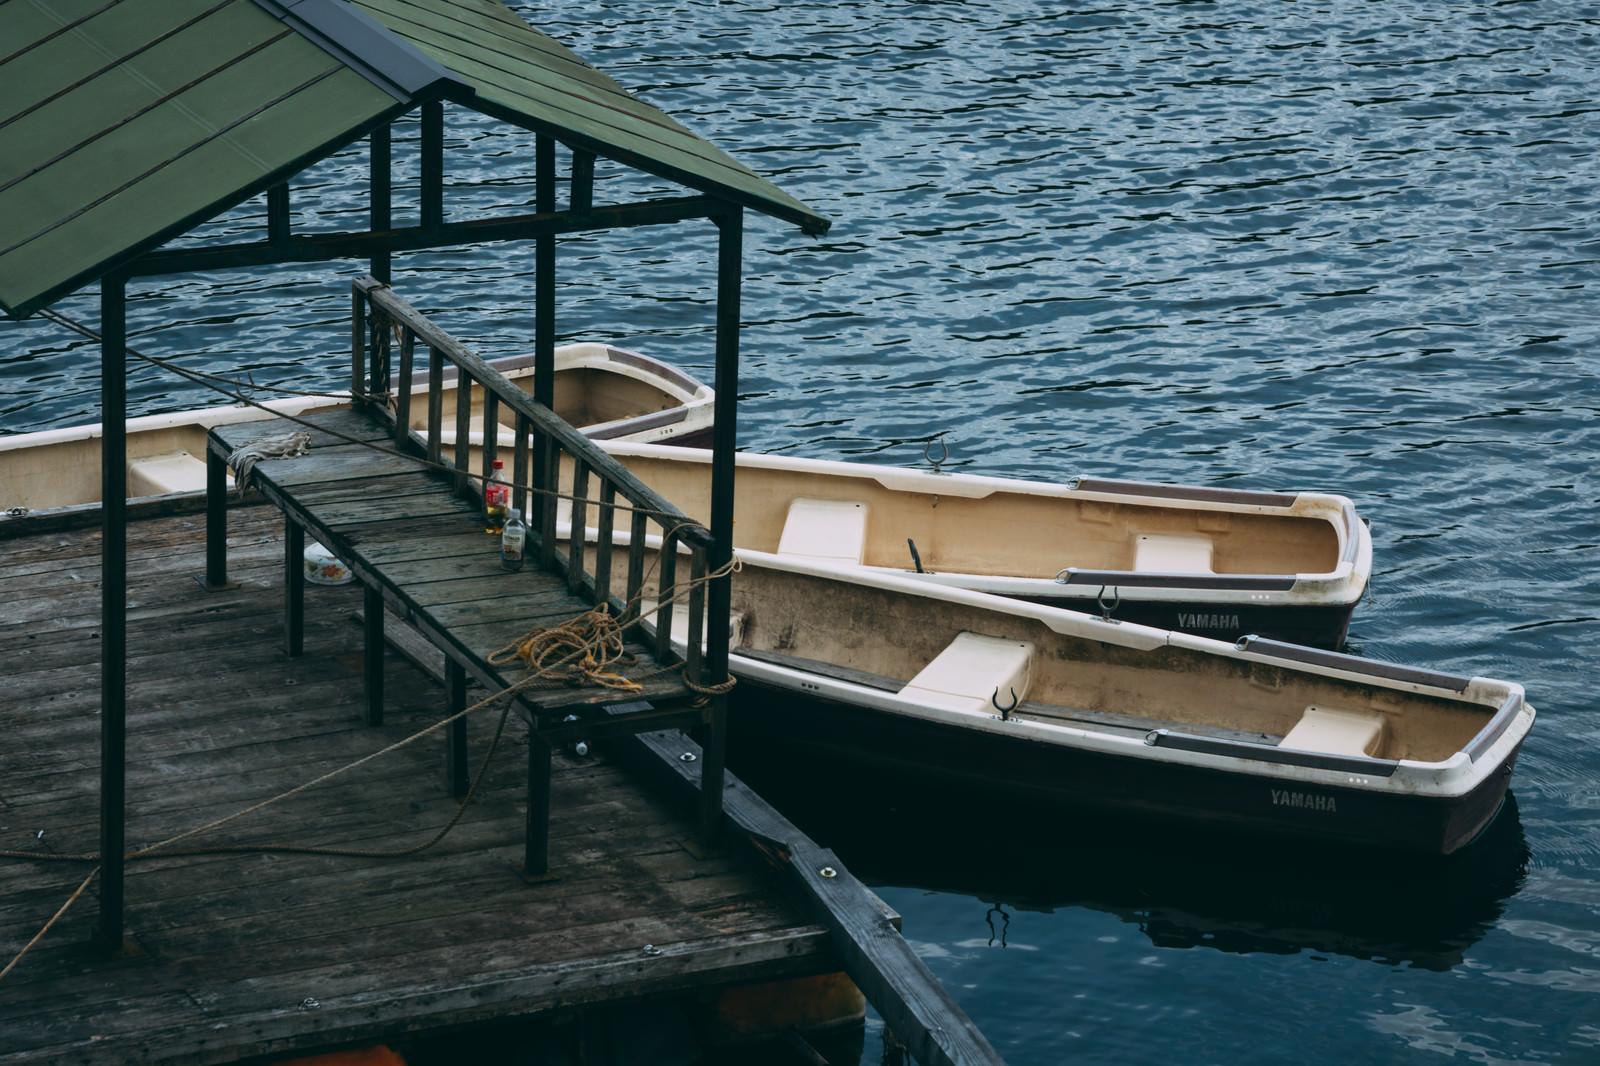 「桟橋に止まるボート」の写真